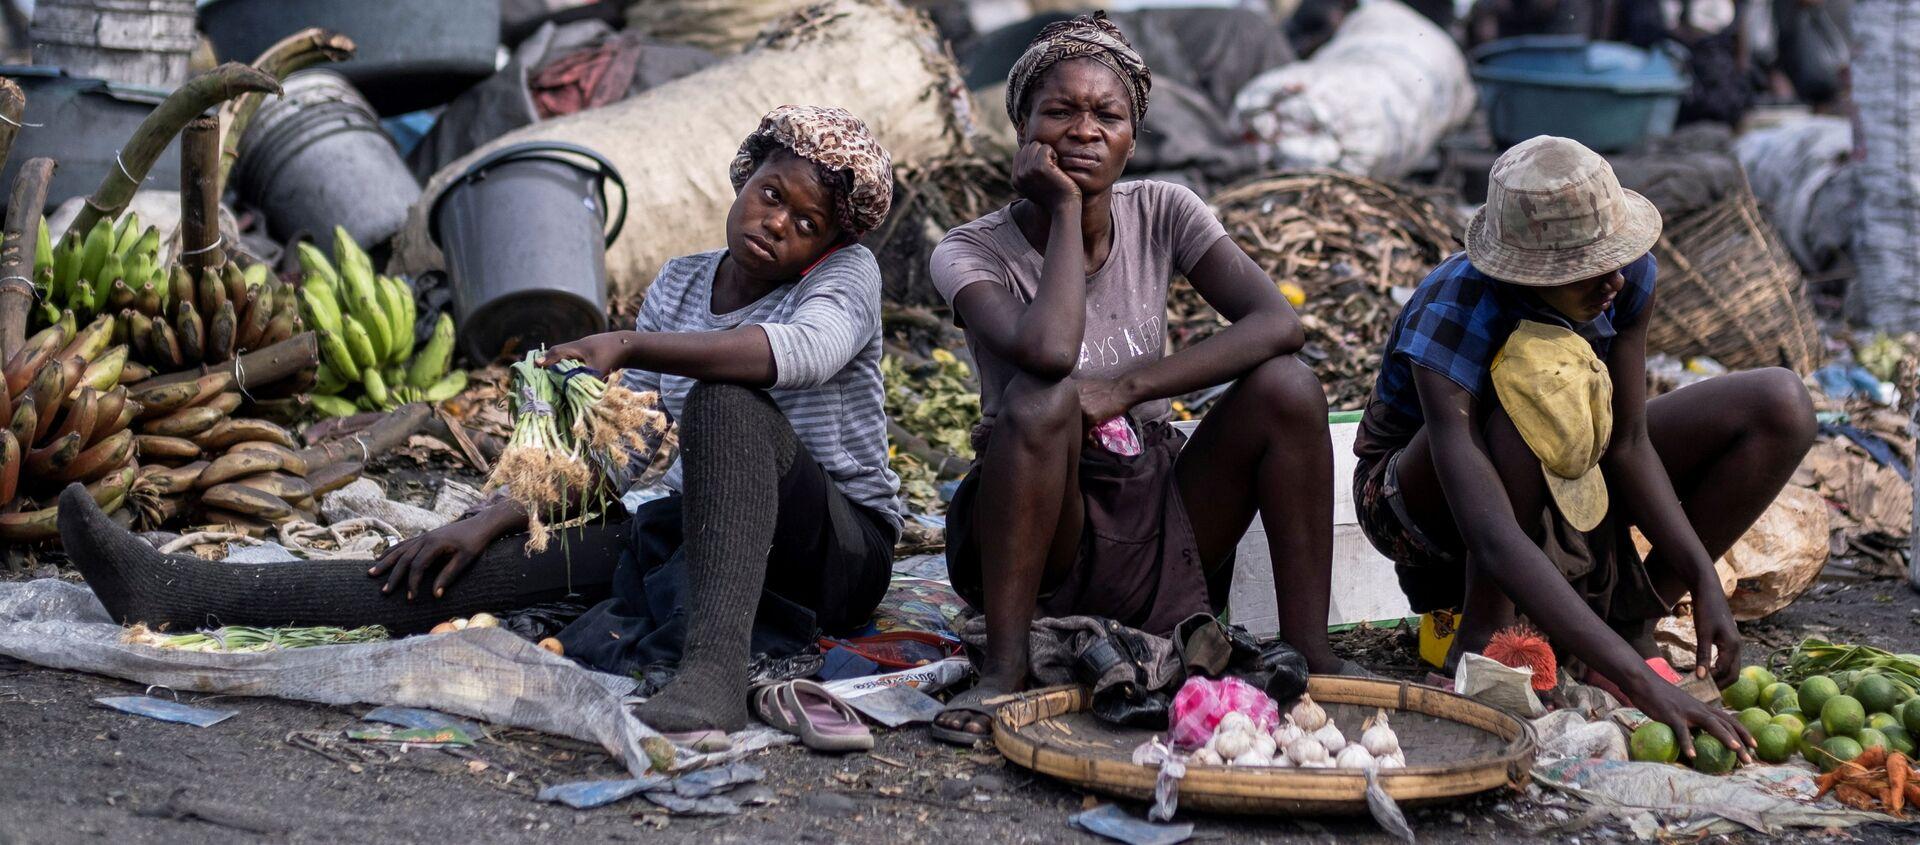 Những người bán hoa quả tại khu chợ ở Cap Haitien, Haiti - Sputnik Việt Nam, 1920, 17.09.2021